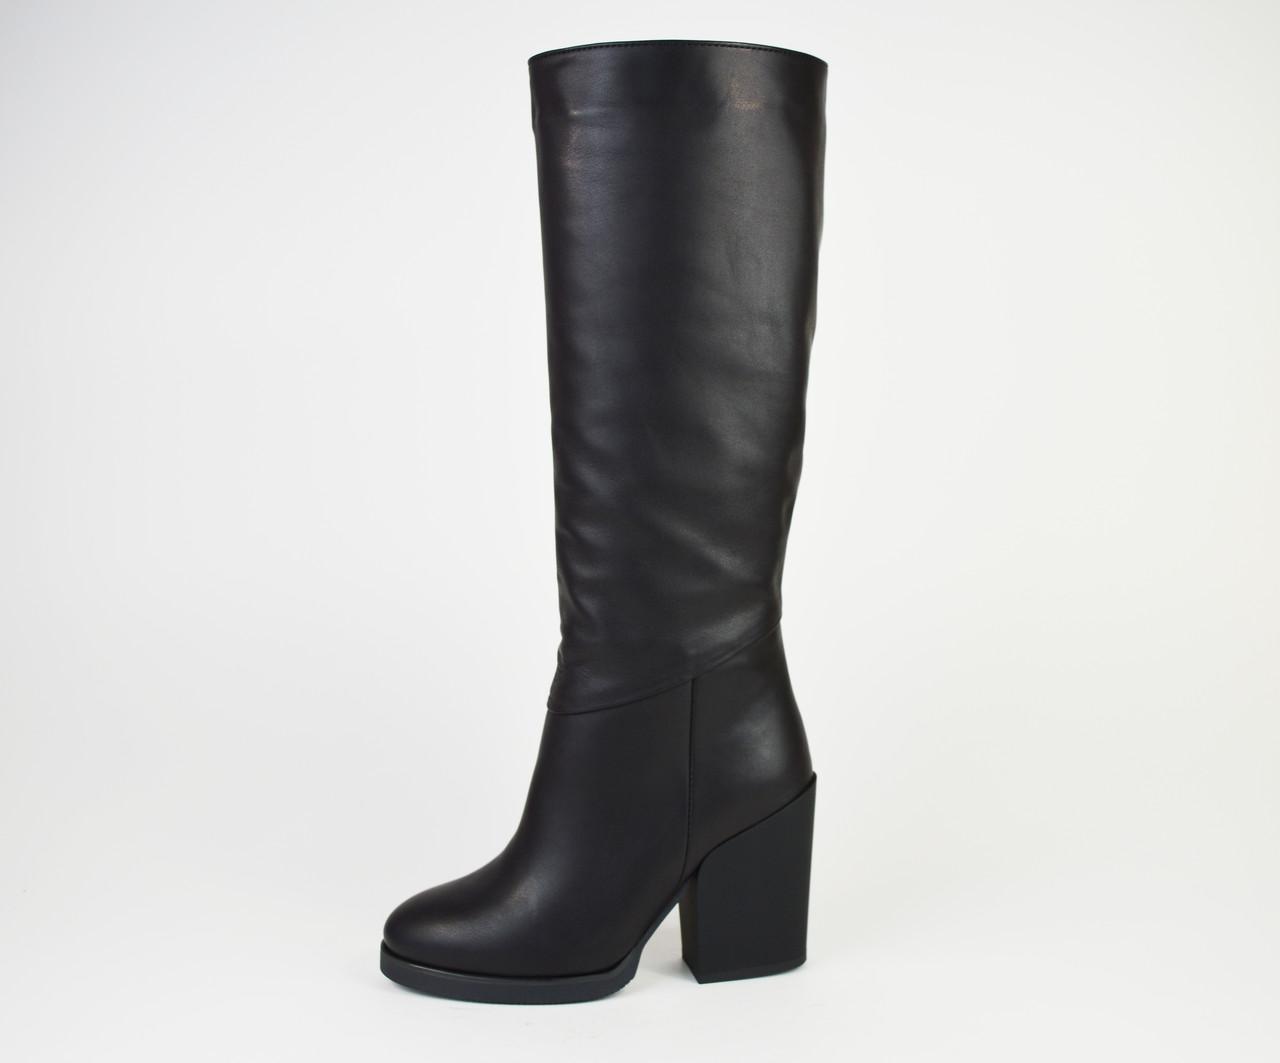 Сапоги кожаные на каблуке Kluchini 13106